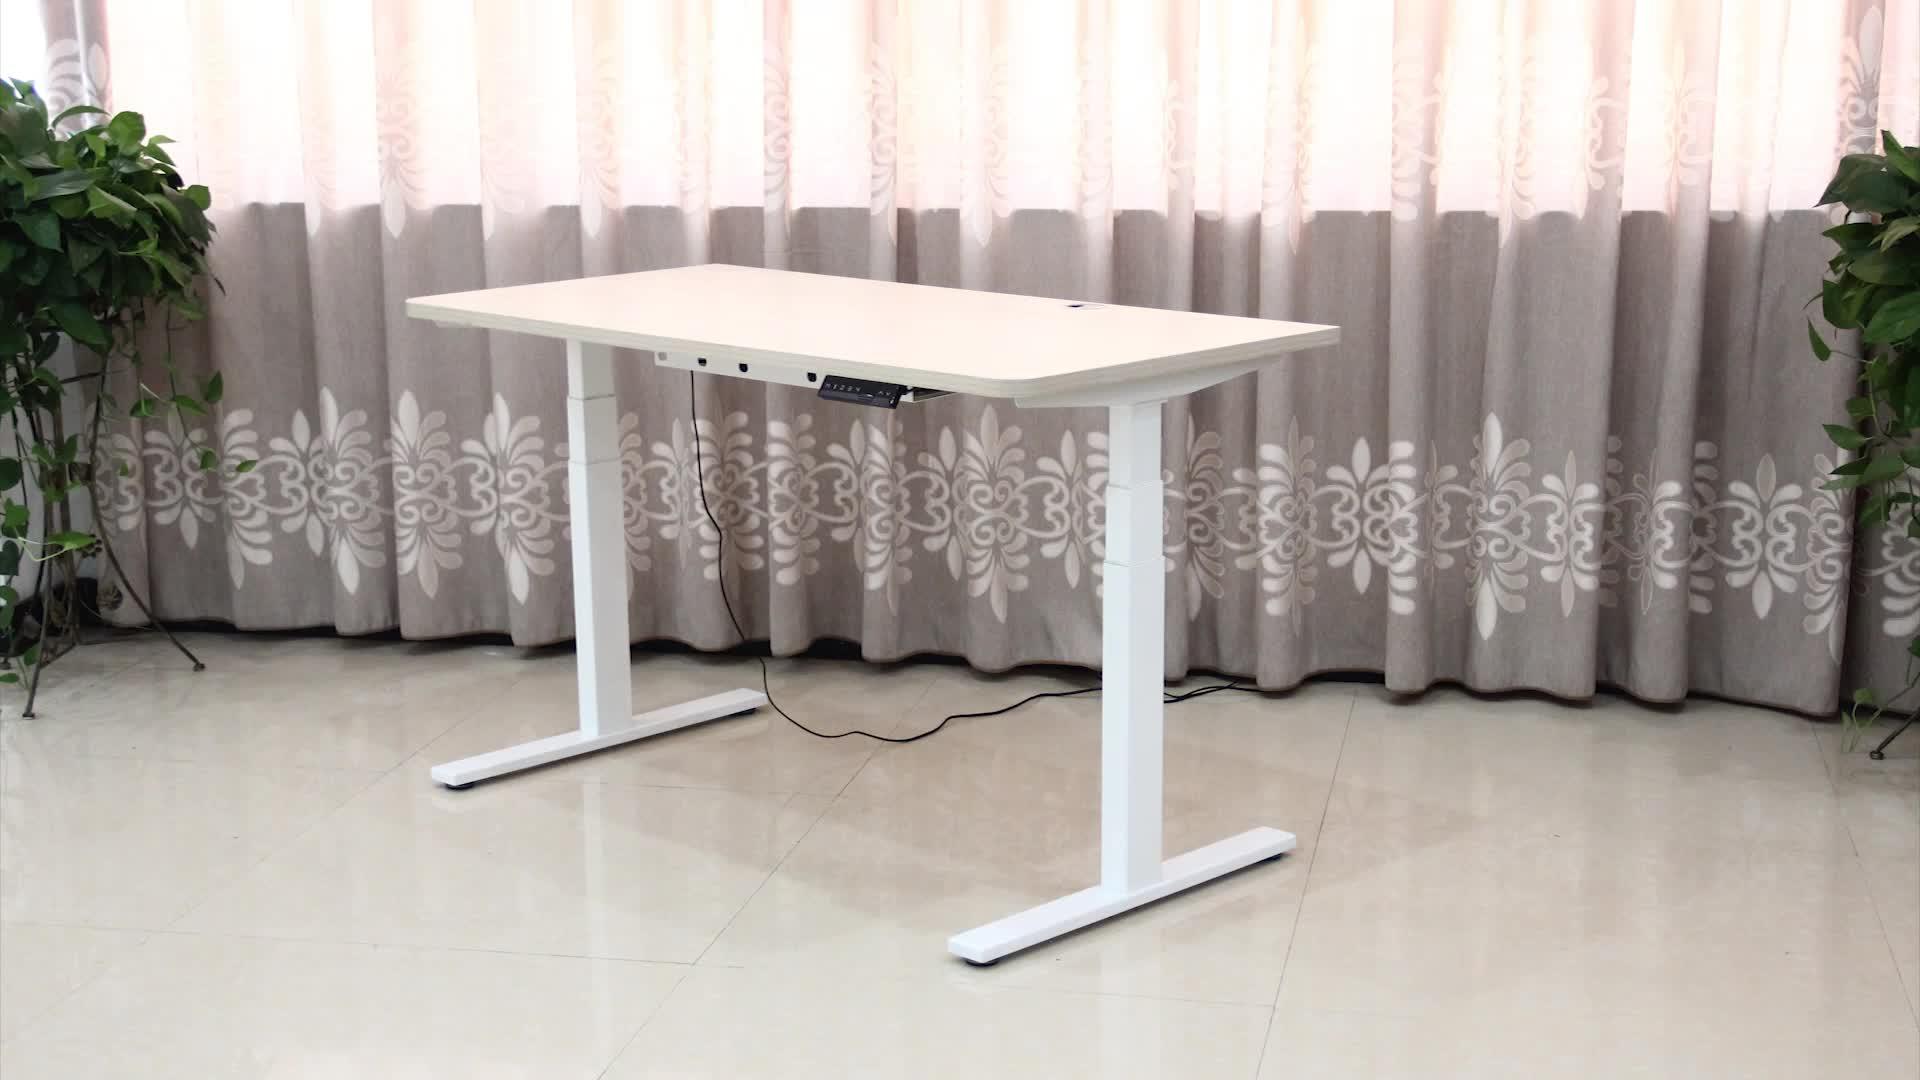 बुद्धिमान डिजाइन कार्यालय फर्नीचर Ergonomic Motorised खड़े हो जाओ डेस्क ऊंचाई समायोज्य खड़े हो जाओ करने के लिए बैठते हैं कार्यालय डेस्क